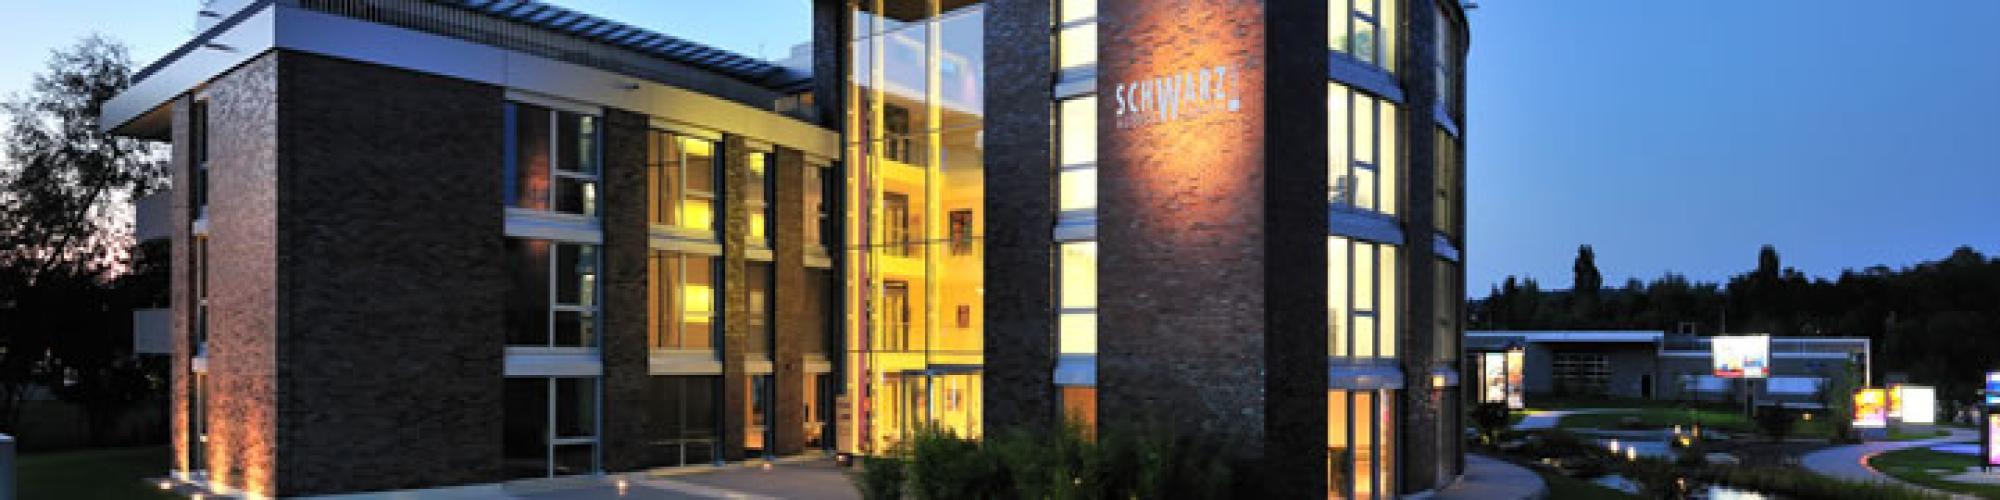 SCHWARZ-Außenwerbung GmbH